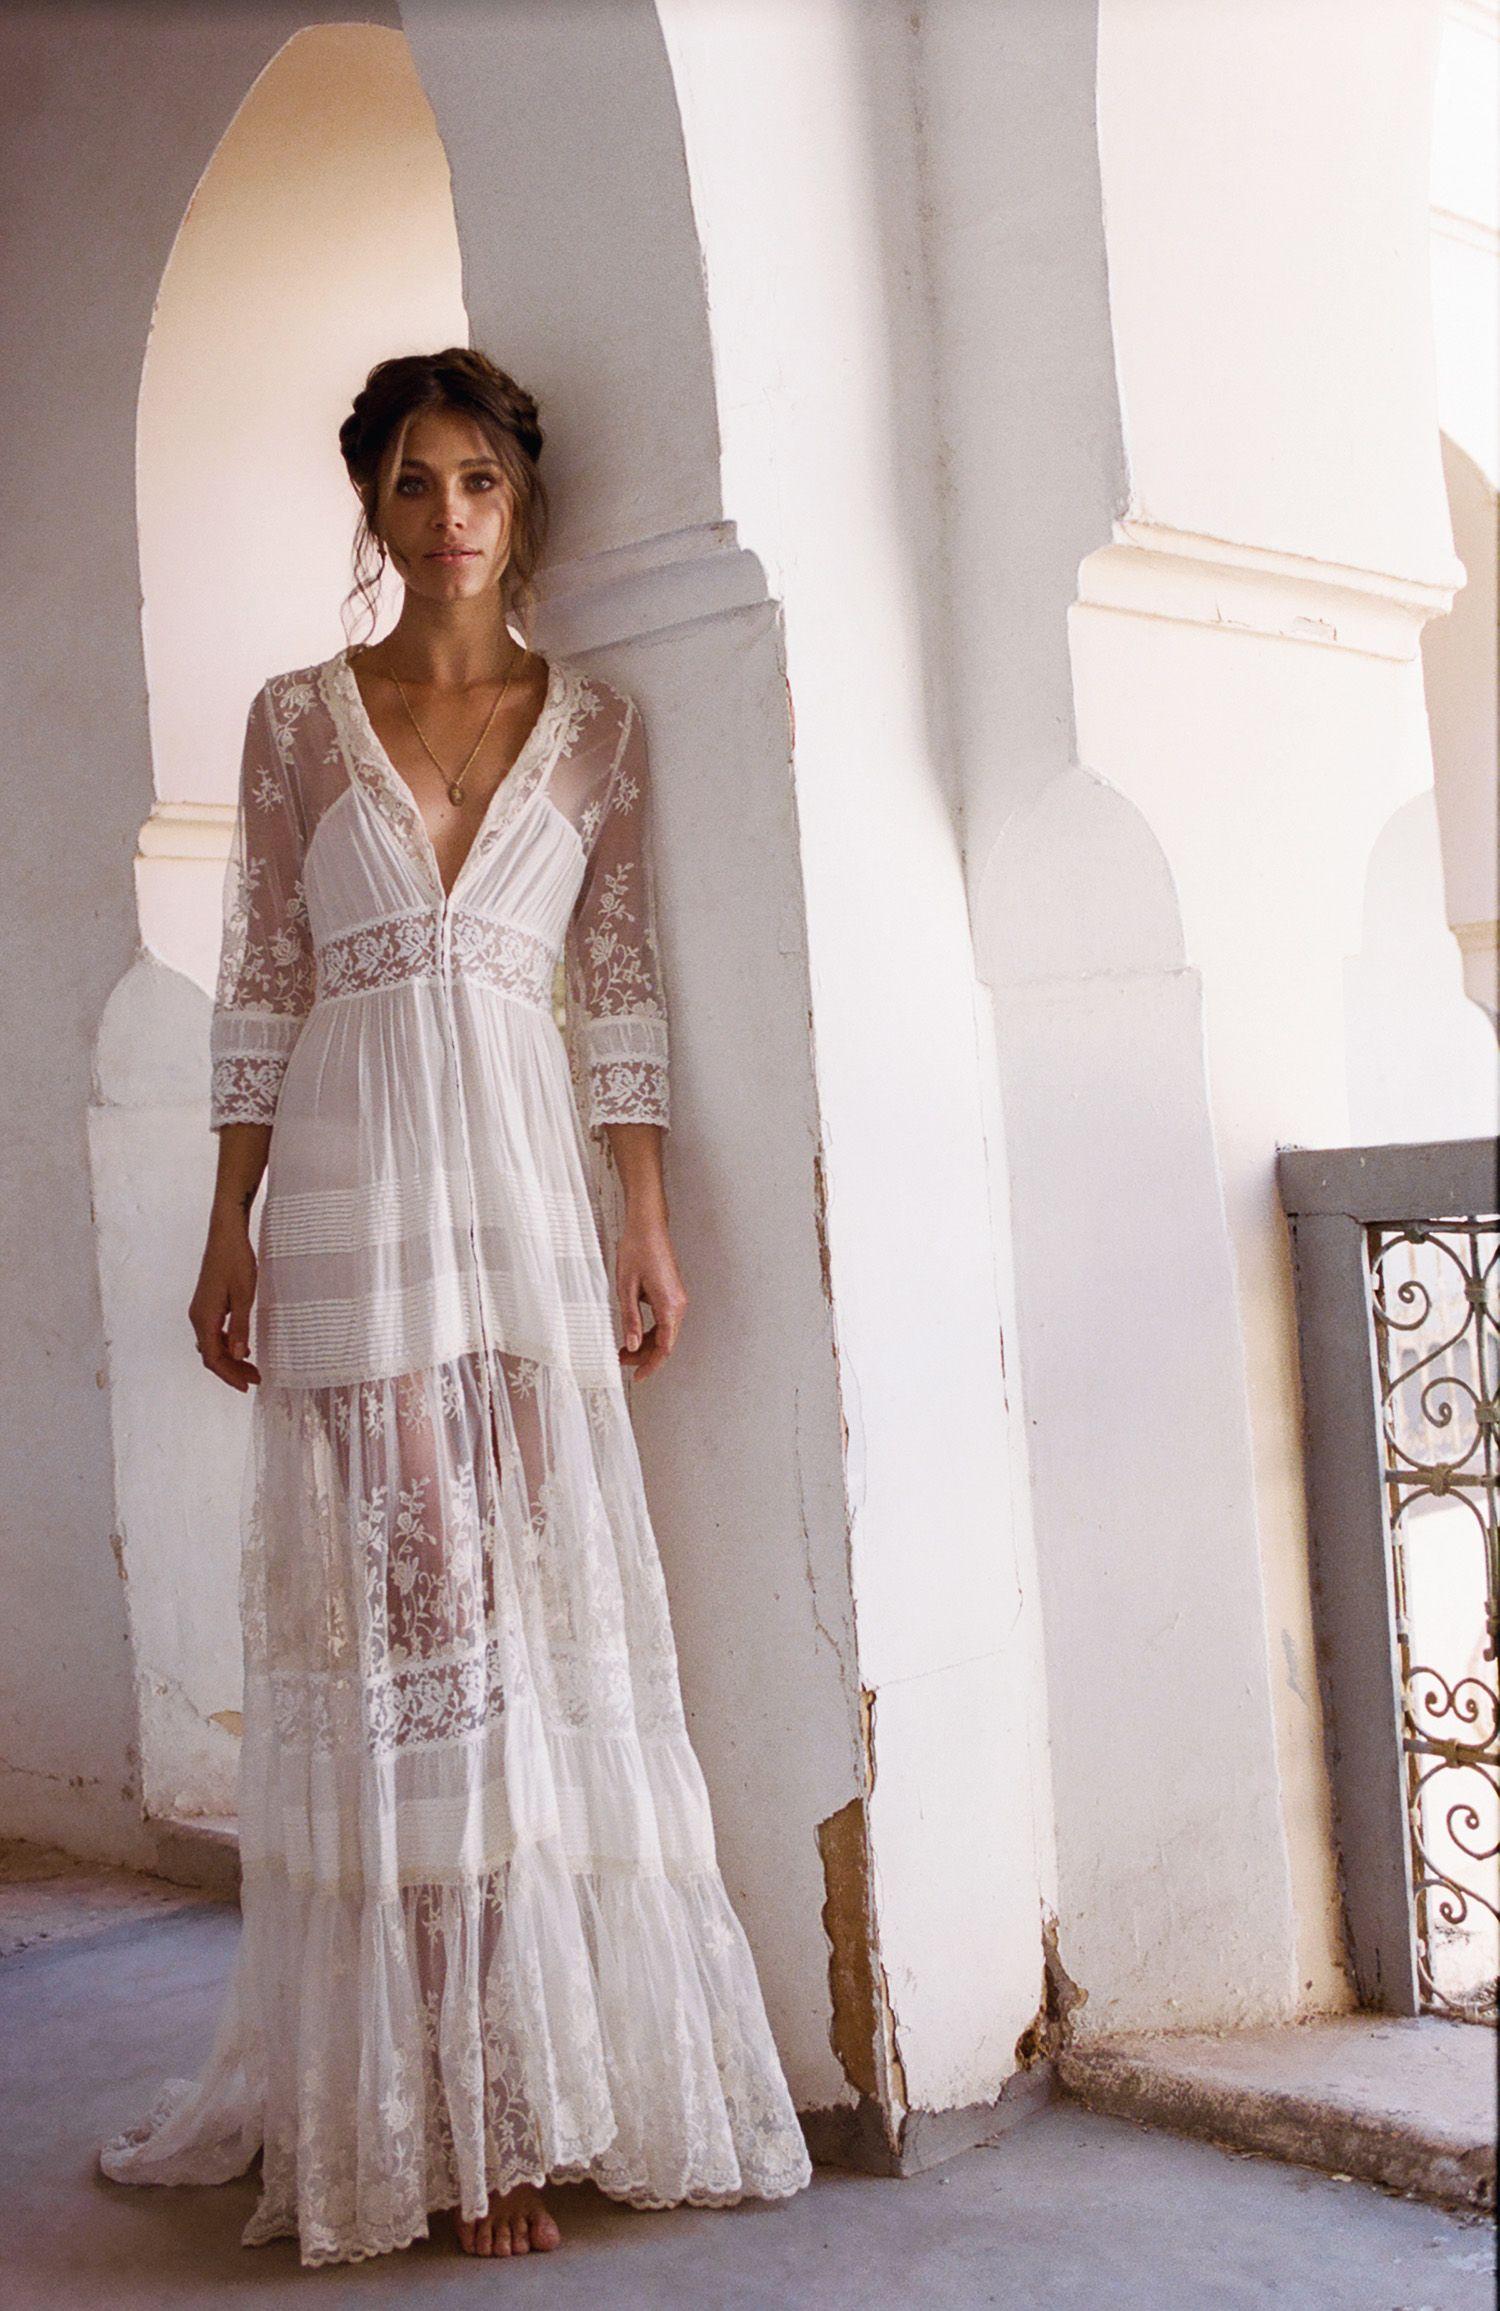 Spell bride u u spell u the gypsy collective bohostyle gypsy